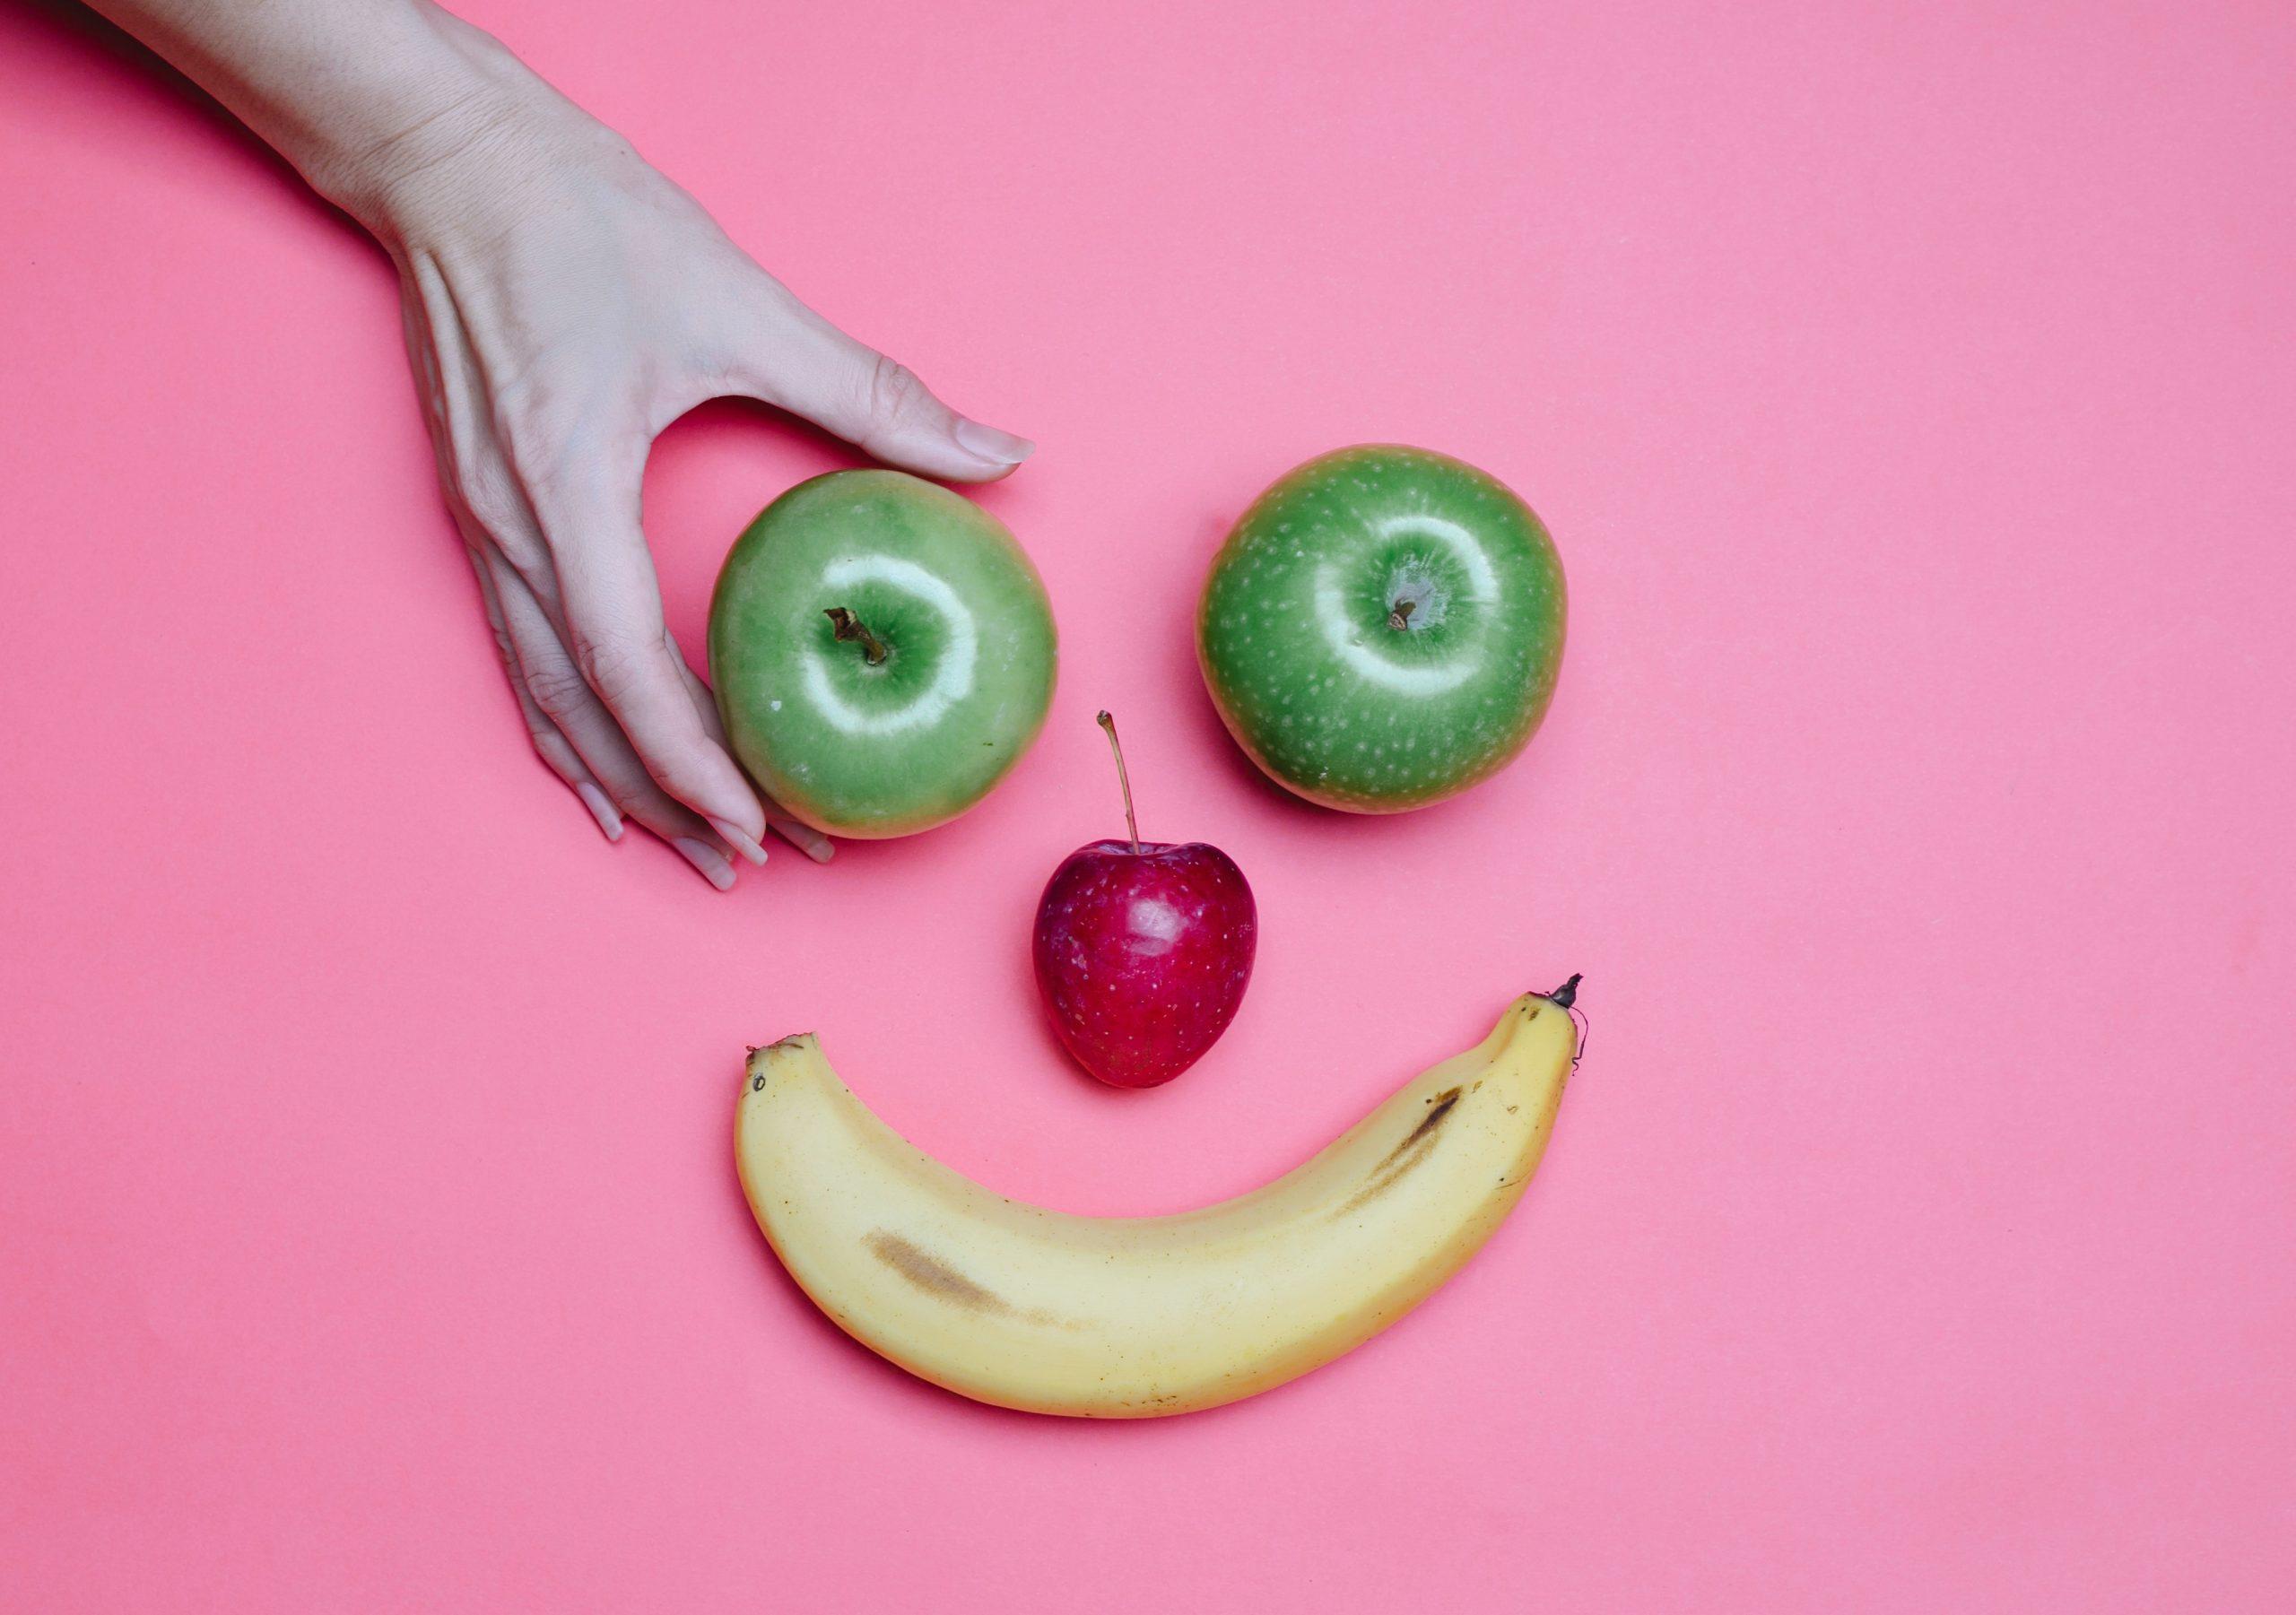 Mesmo que não apresente nenhuma ocorrência de saúde, o ideal é sempre consultar o seu médico ou nutricionista sobre a necessidade de tomar suplementos.